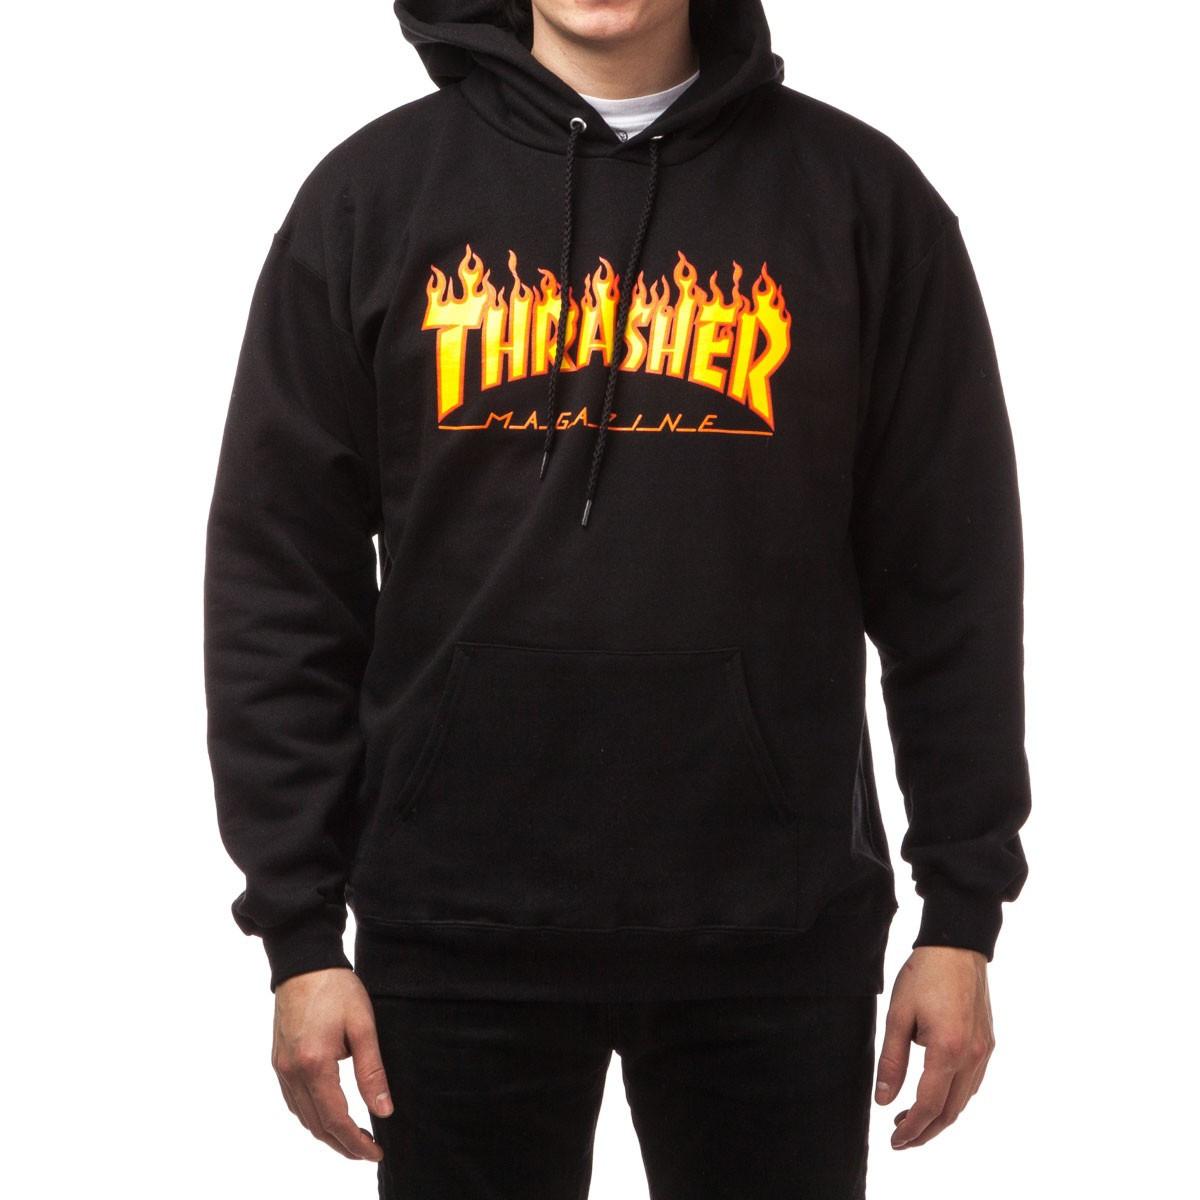 """Худи Thrasher """"Flame"""". Унисекс. Черный. Материалы: 80% Хлопок, 20% Эластан"""